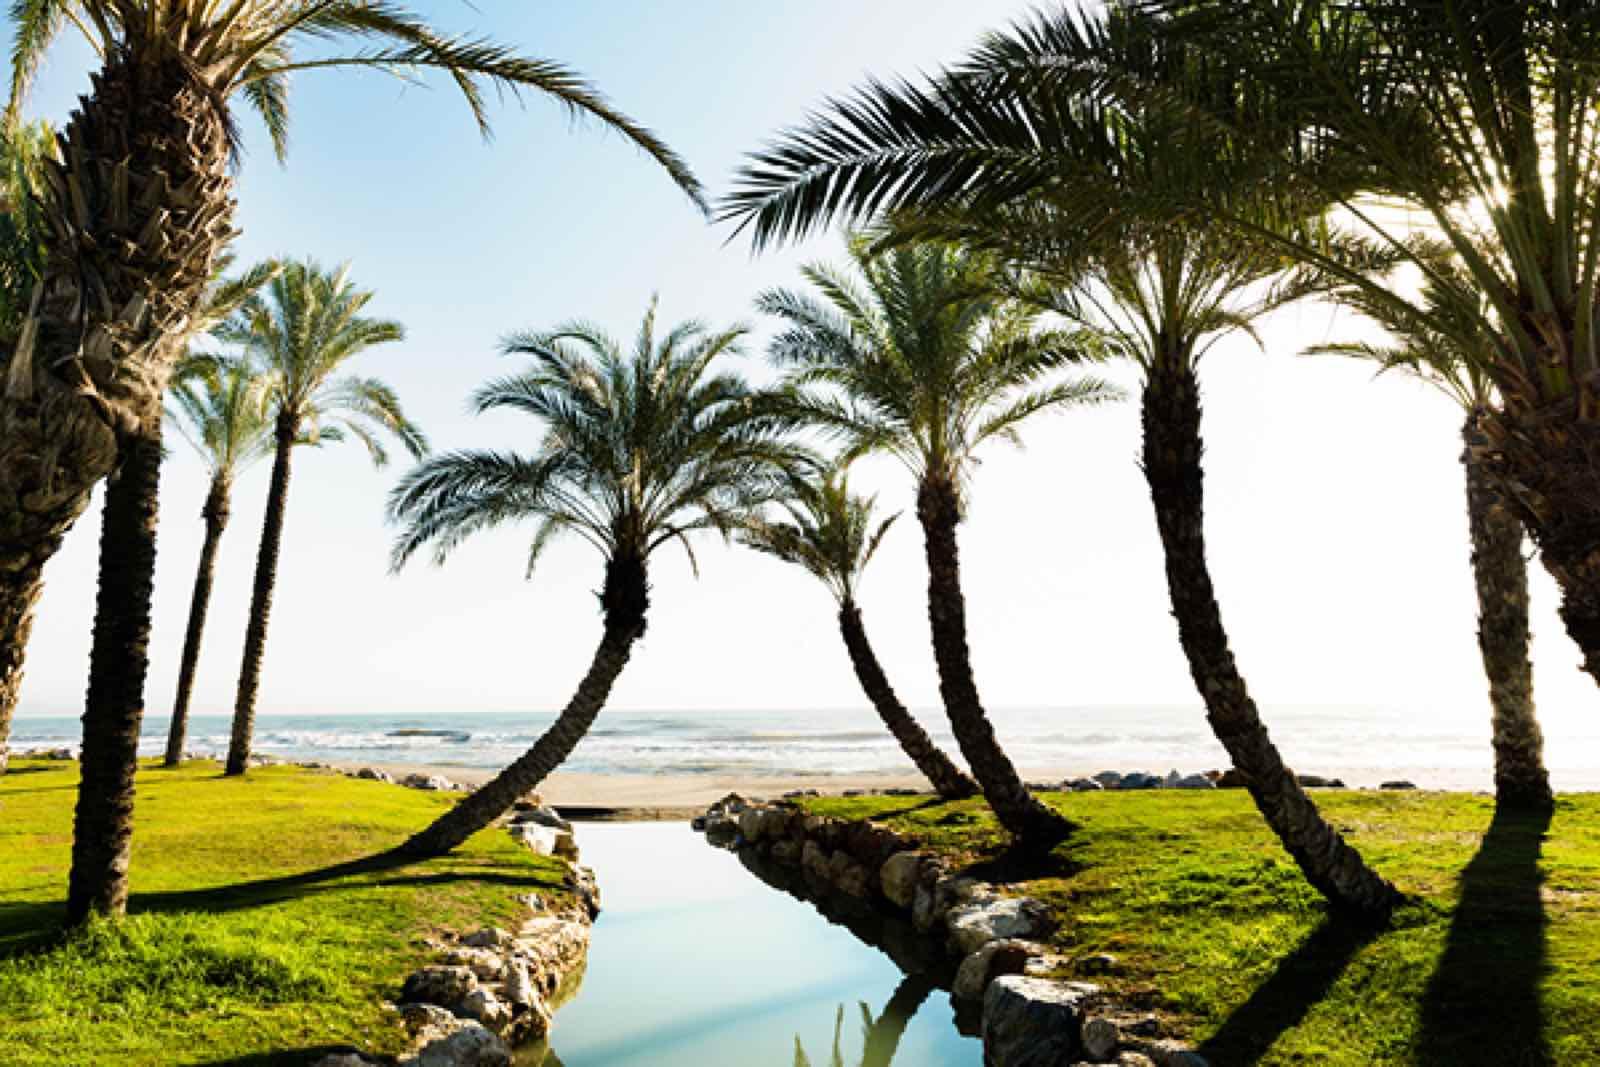 Seaside of Torremolinos